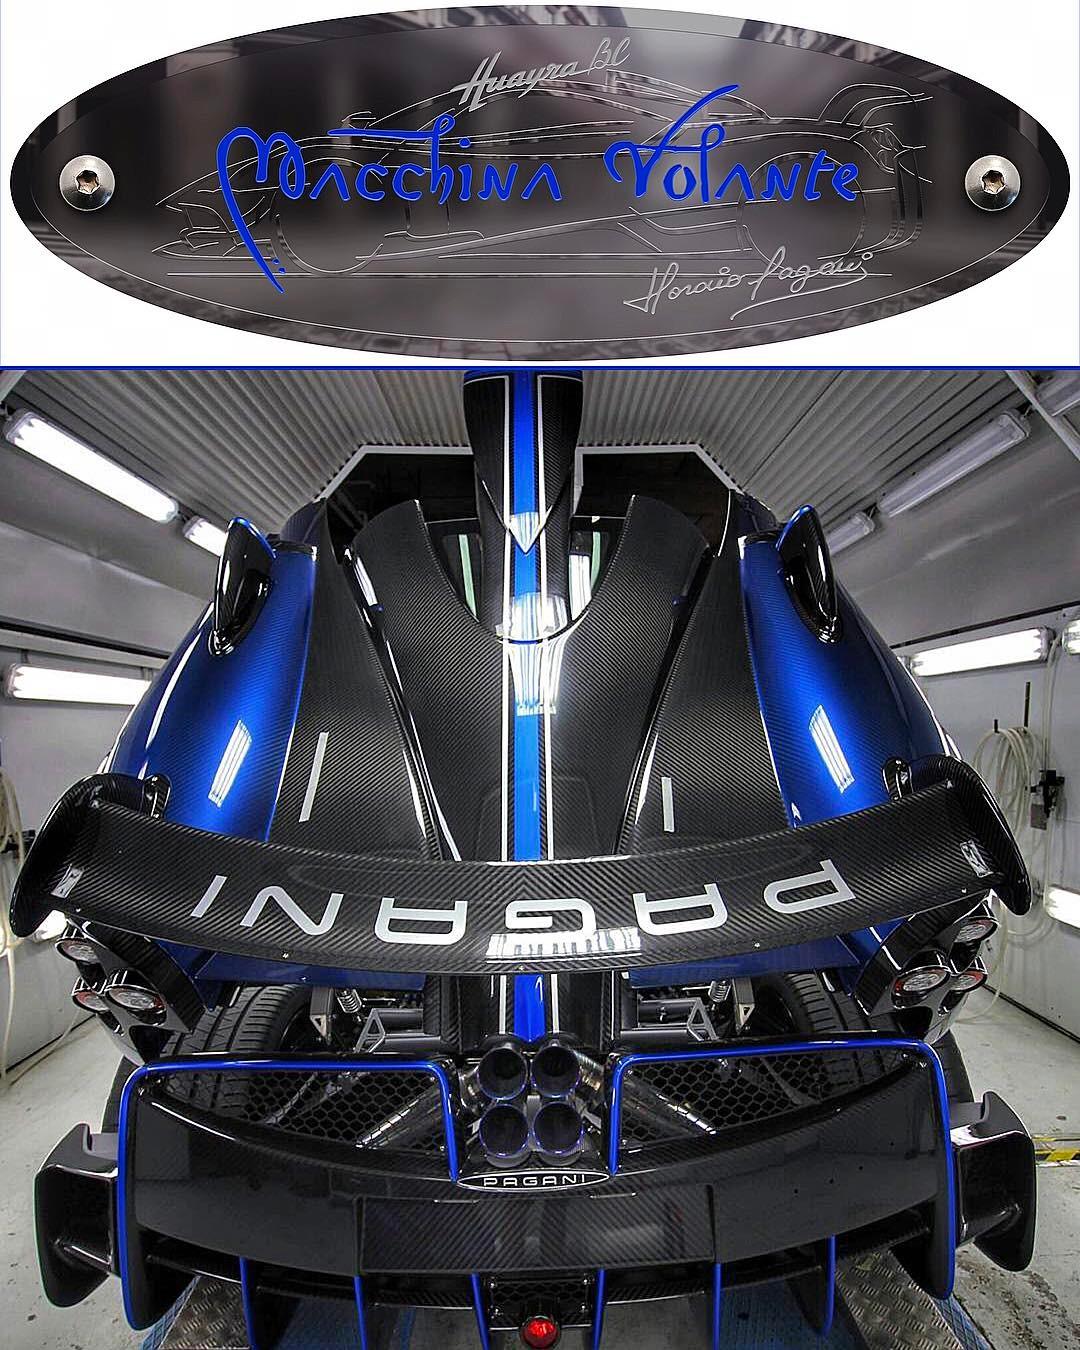 Этот конкретный Huayra BC был назван «Macchina Volante» в честь идеи Леонардо да Винчи о создании машины, которая могла бы позволить человечеству летать.